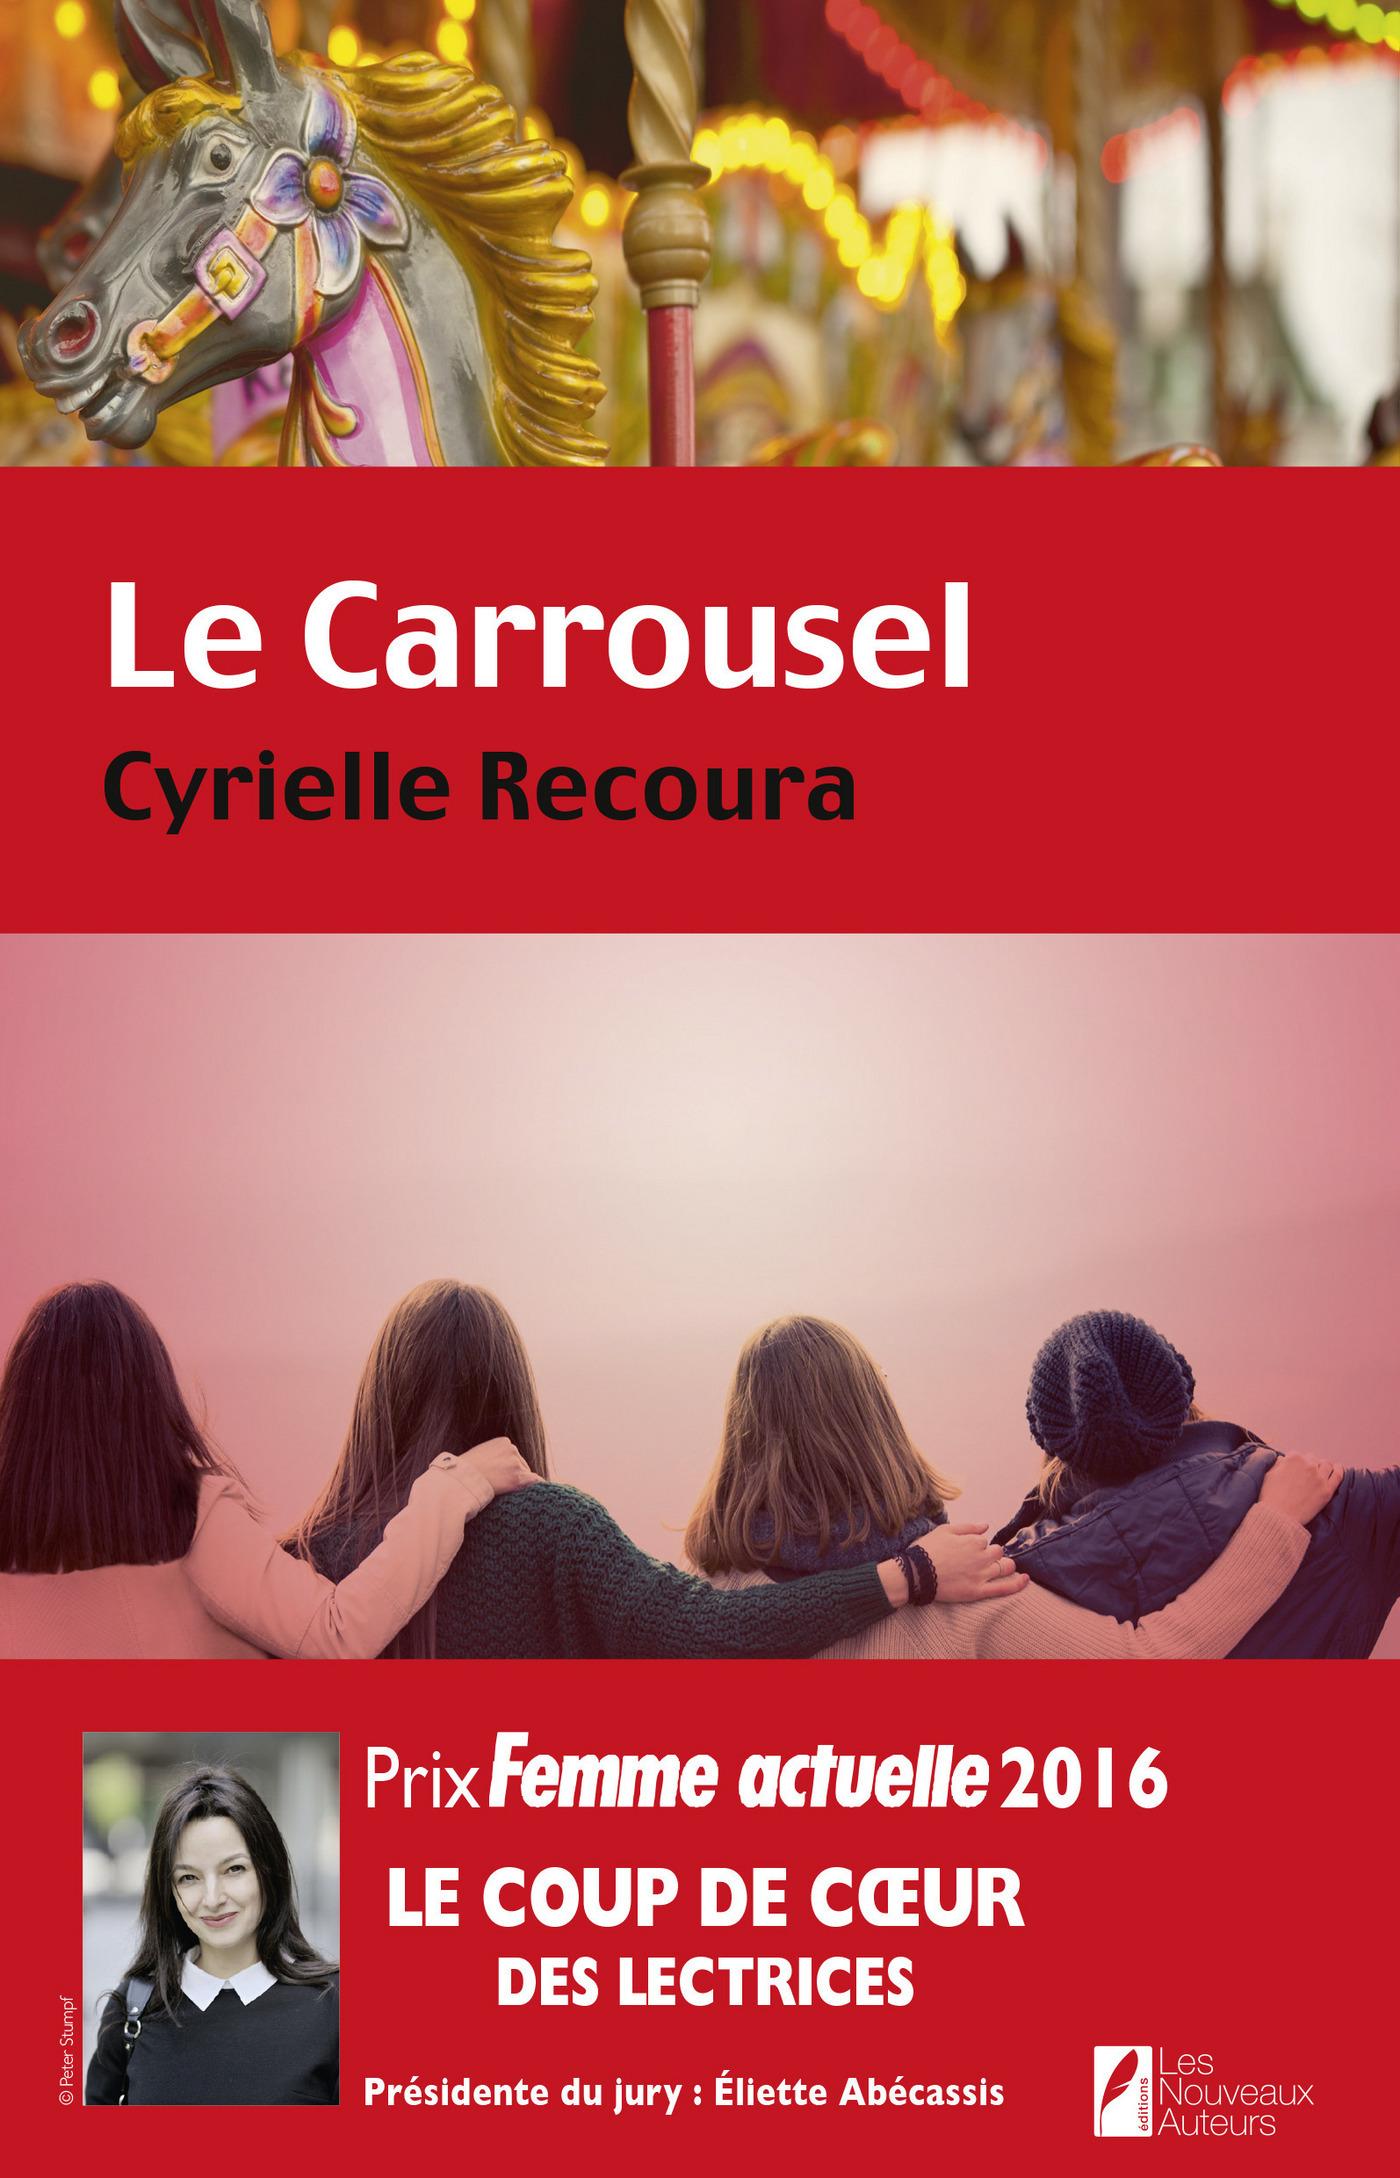 Le carrousel. Coup de coeur des Lectrices. Prix Femme Actuelle 2016, LE CARROUSEL